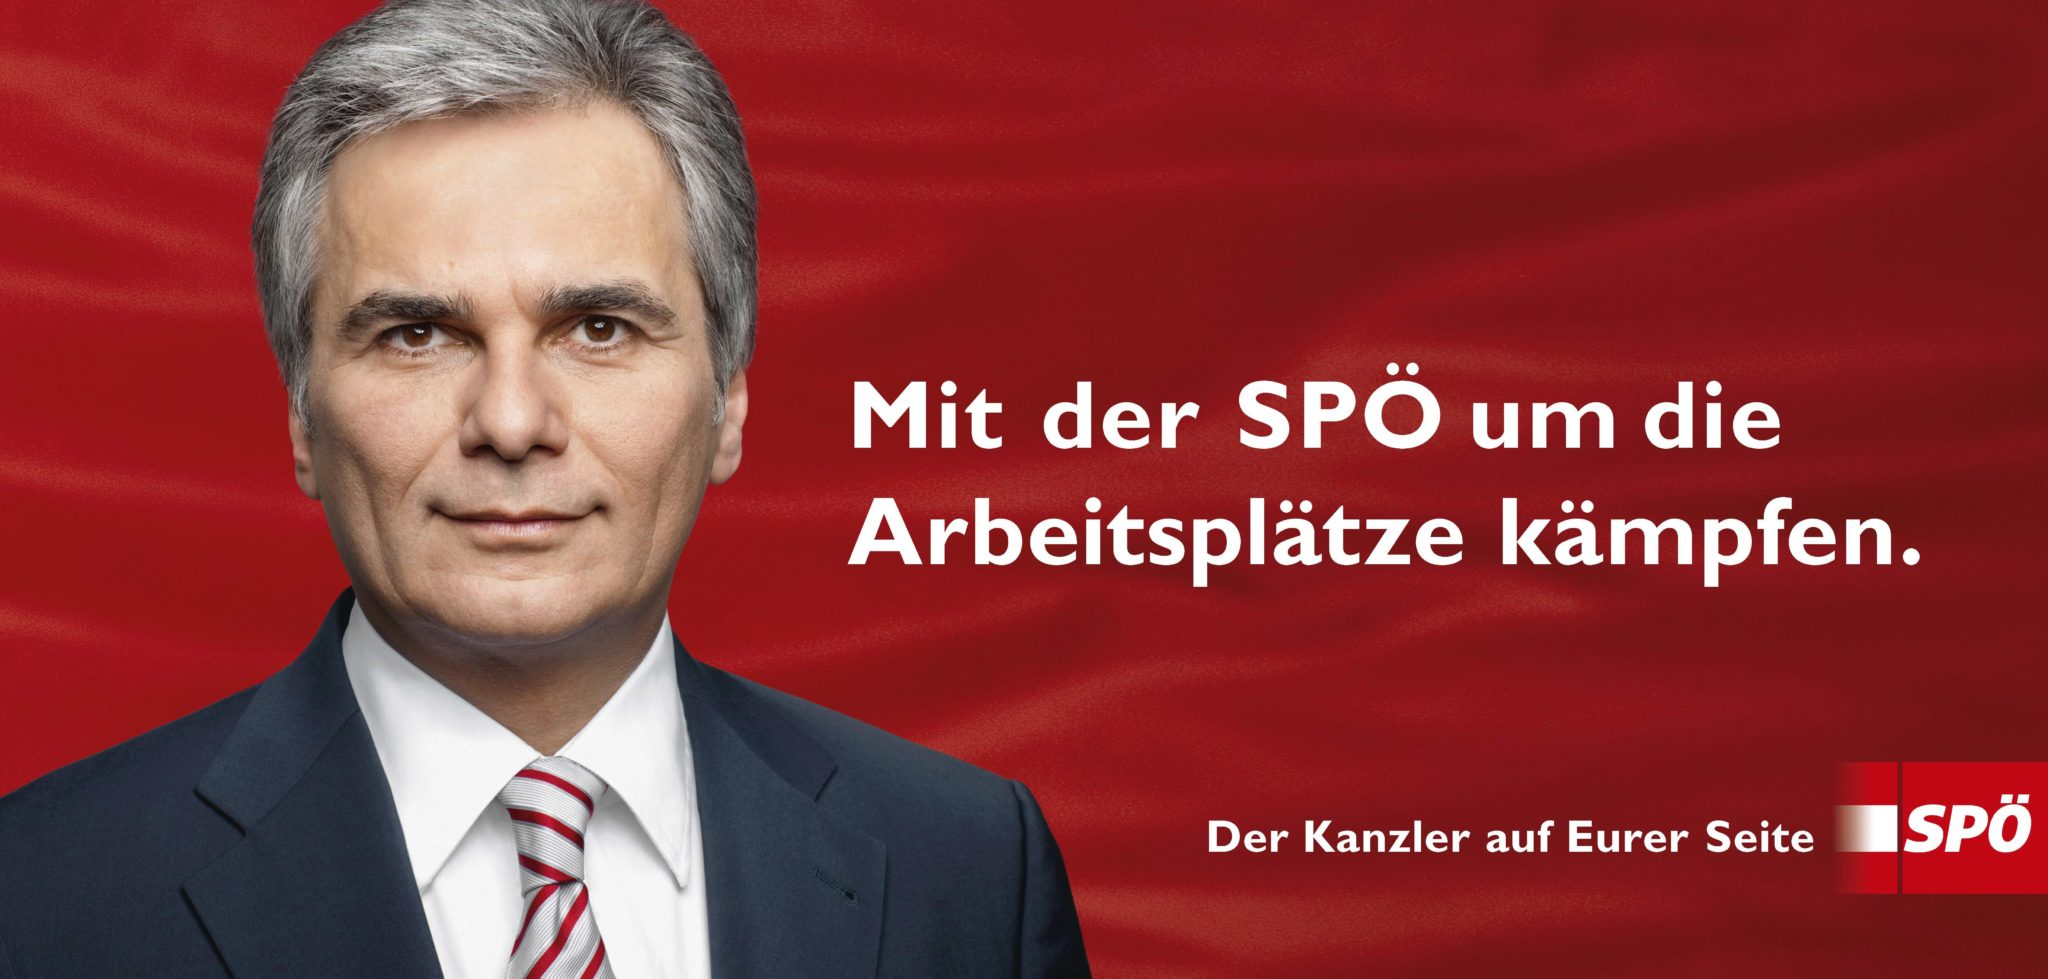 SPÖ - Werner Faymann Plakat